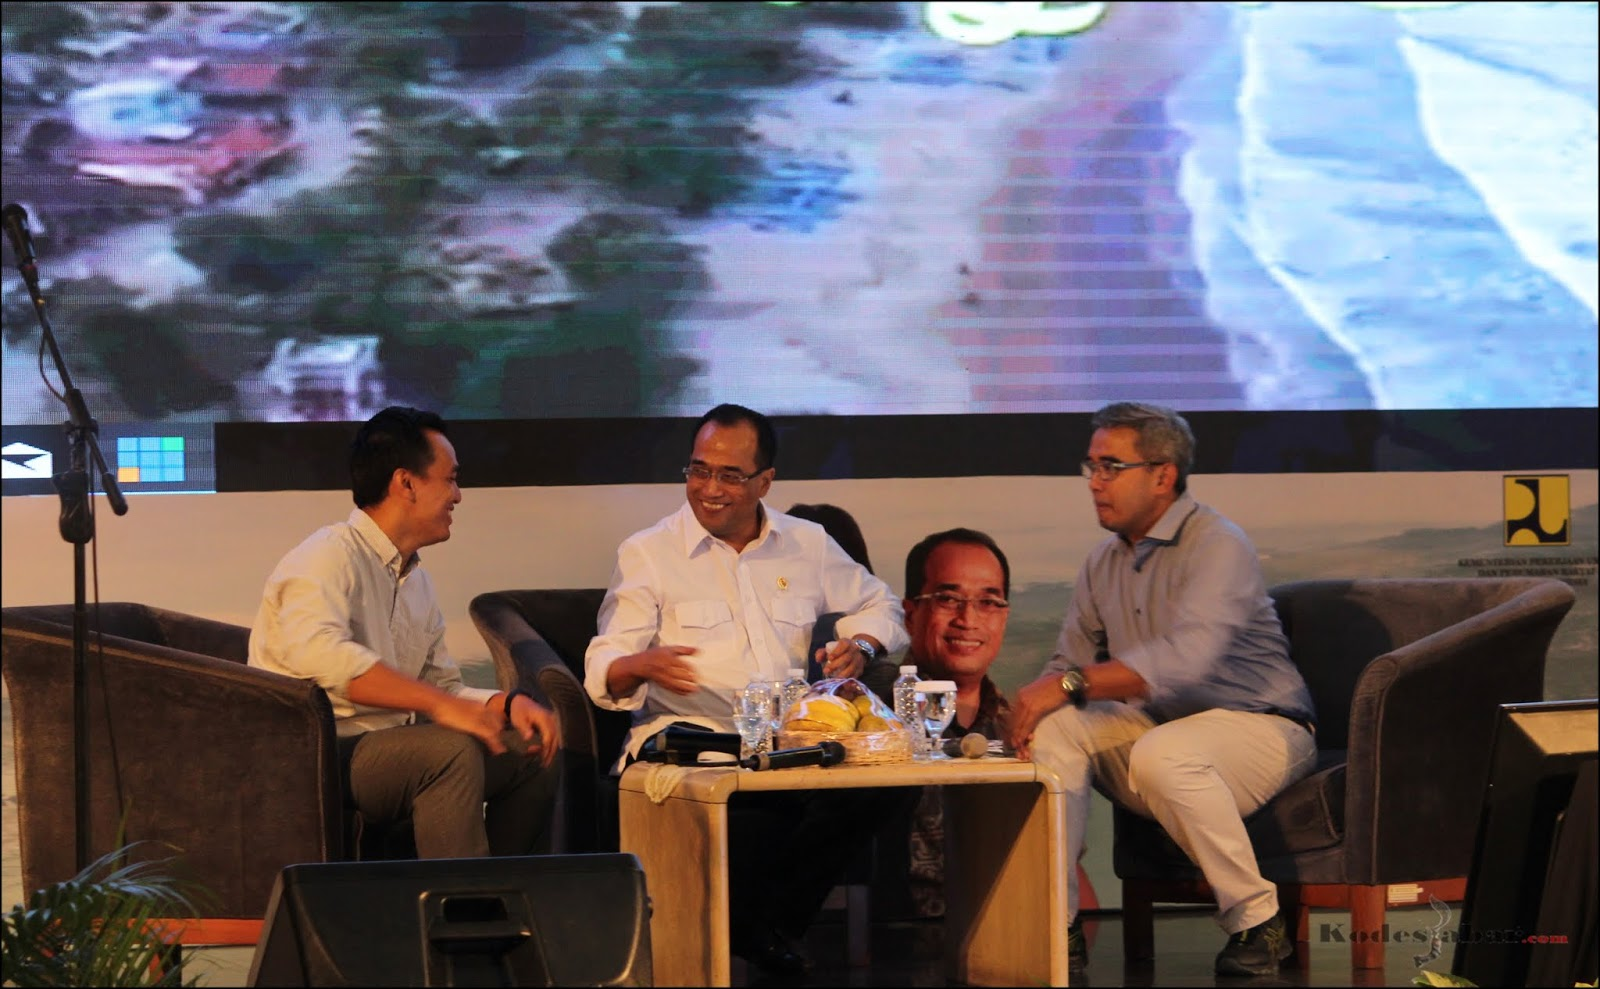 Dialog Nasional 16 Indonesia Maju, Mengembalikan Kejayaan Pasundan Melalui Pembangunan Infrastruktur